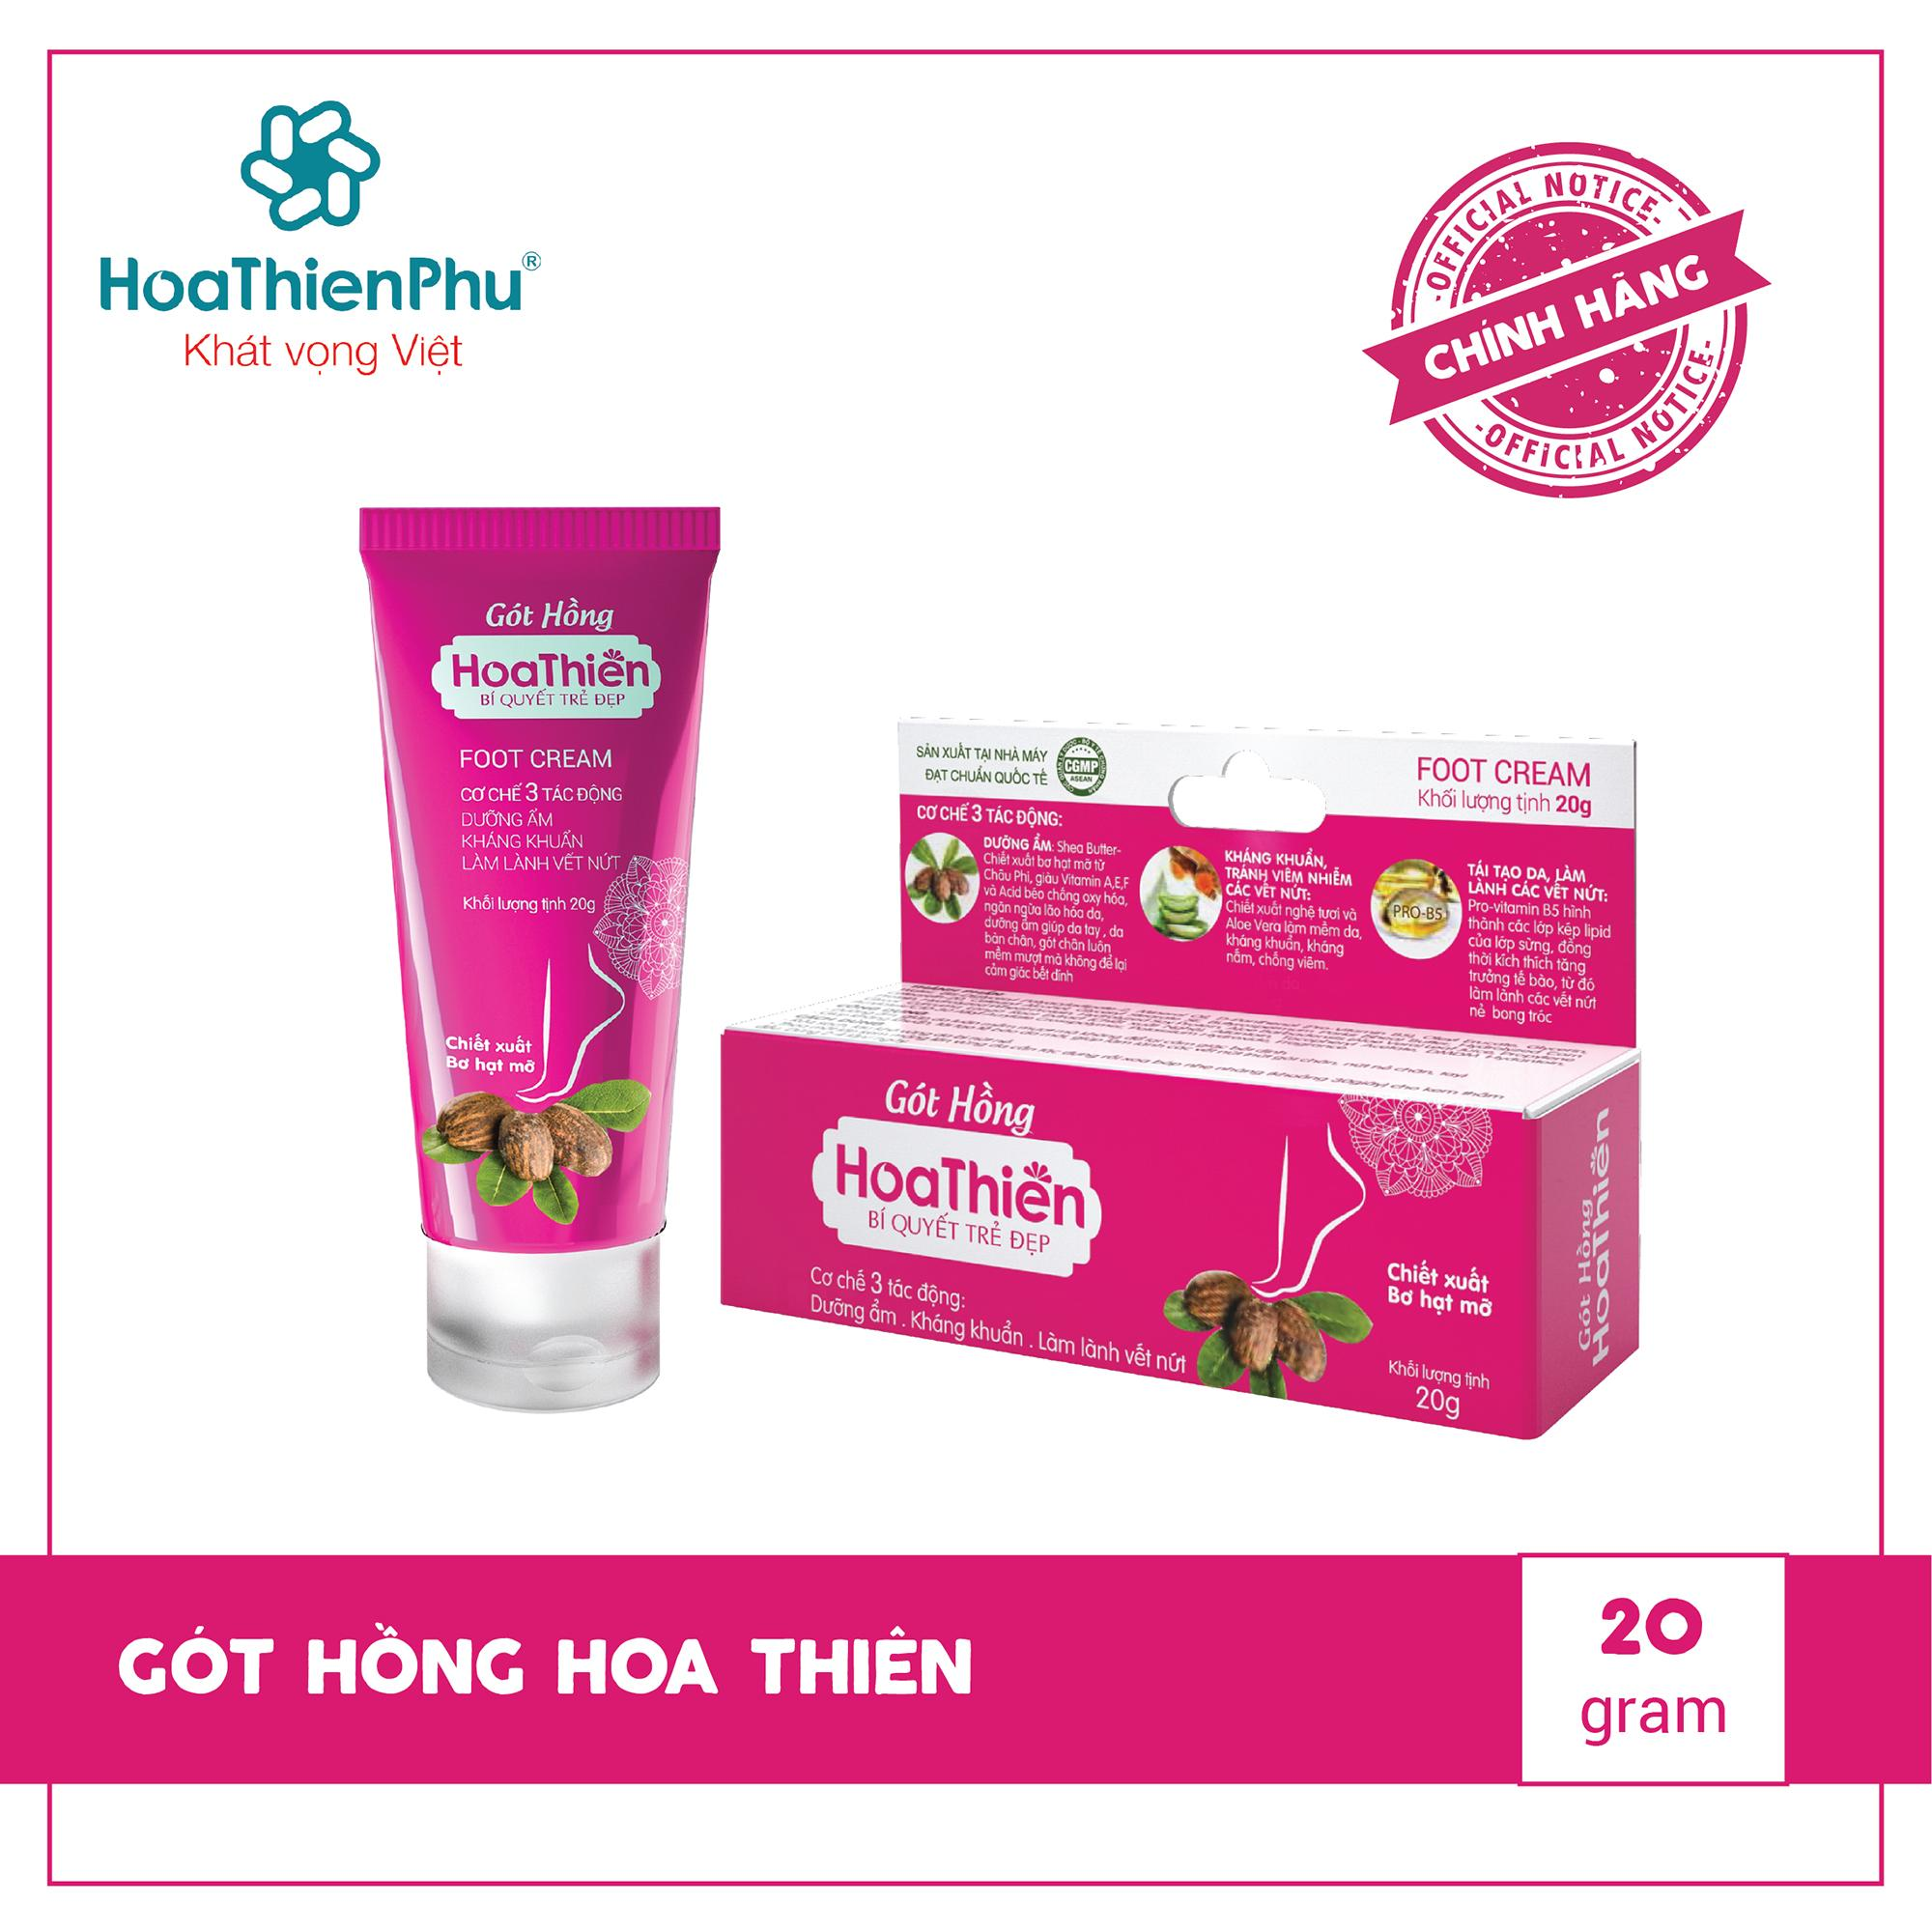 Kem gót hồng Hoa Thiên giúp đôi bàn tay, chân mịn màng, mềm mượt